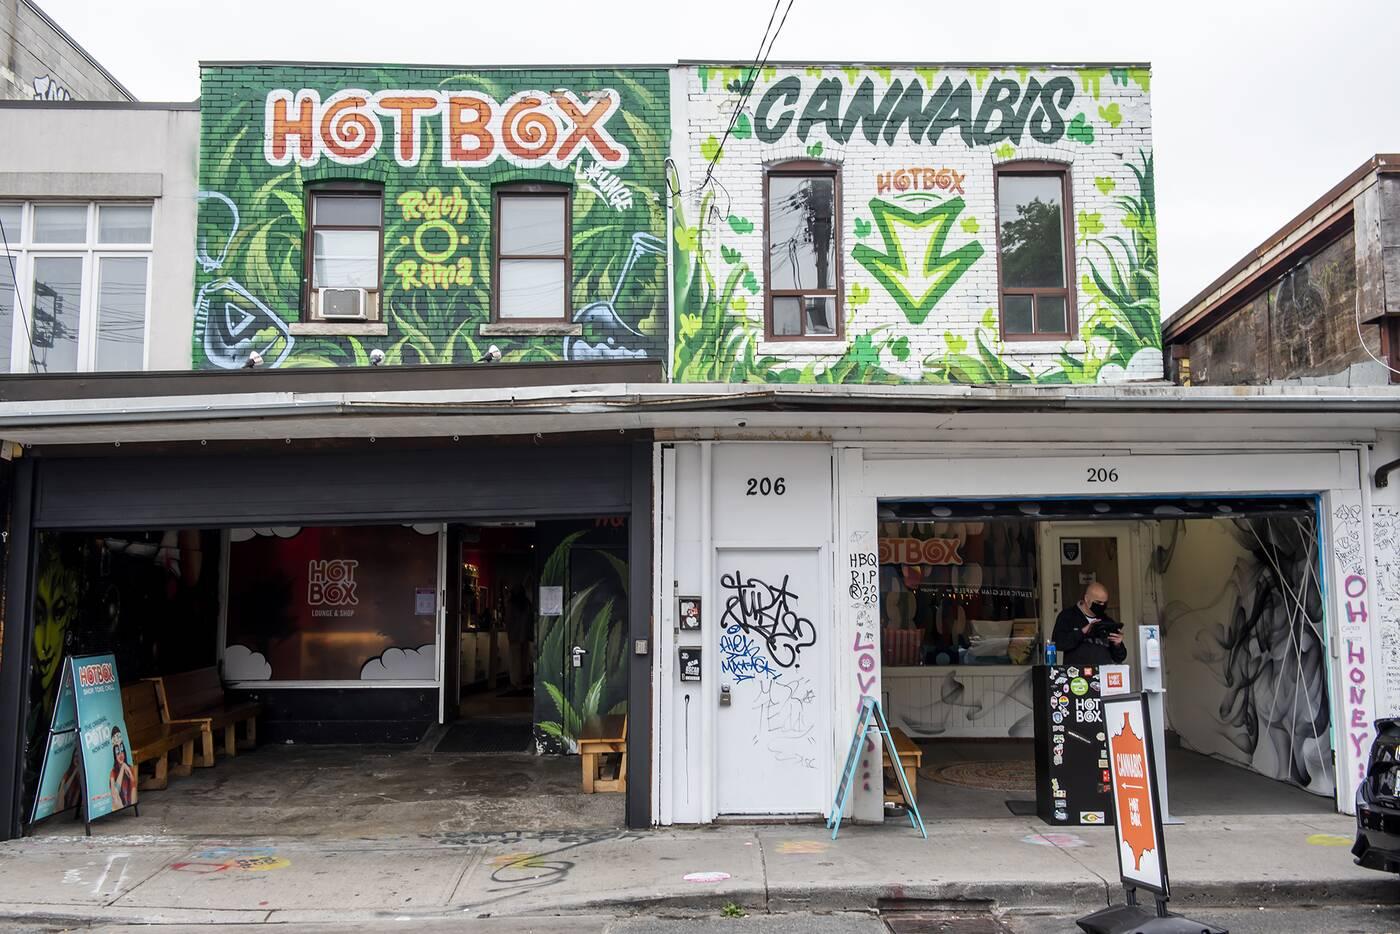 hotbox cafe toronto